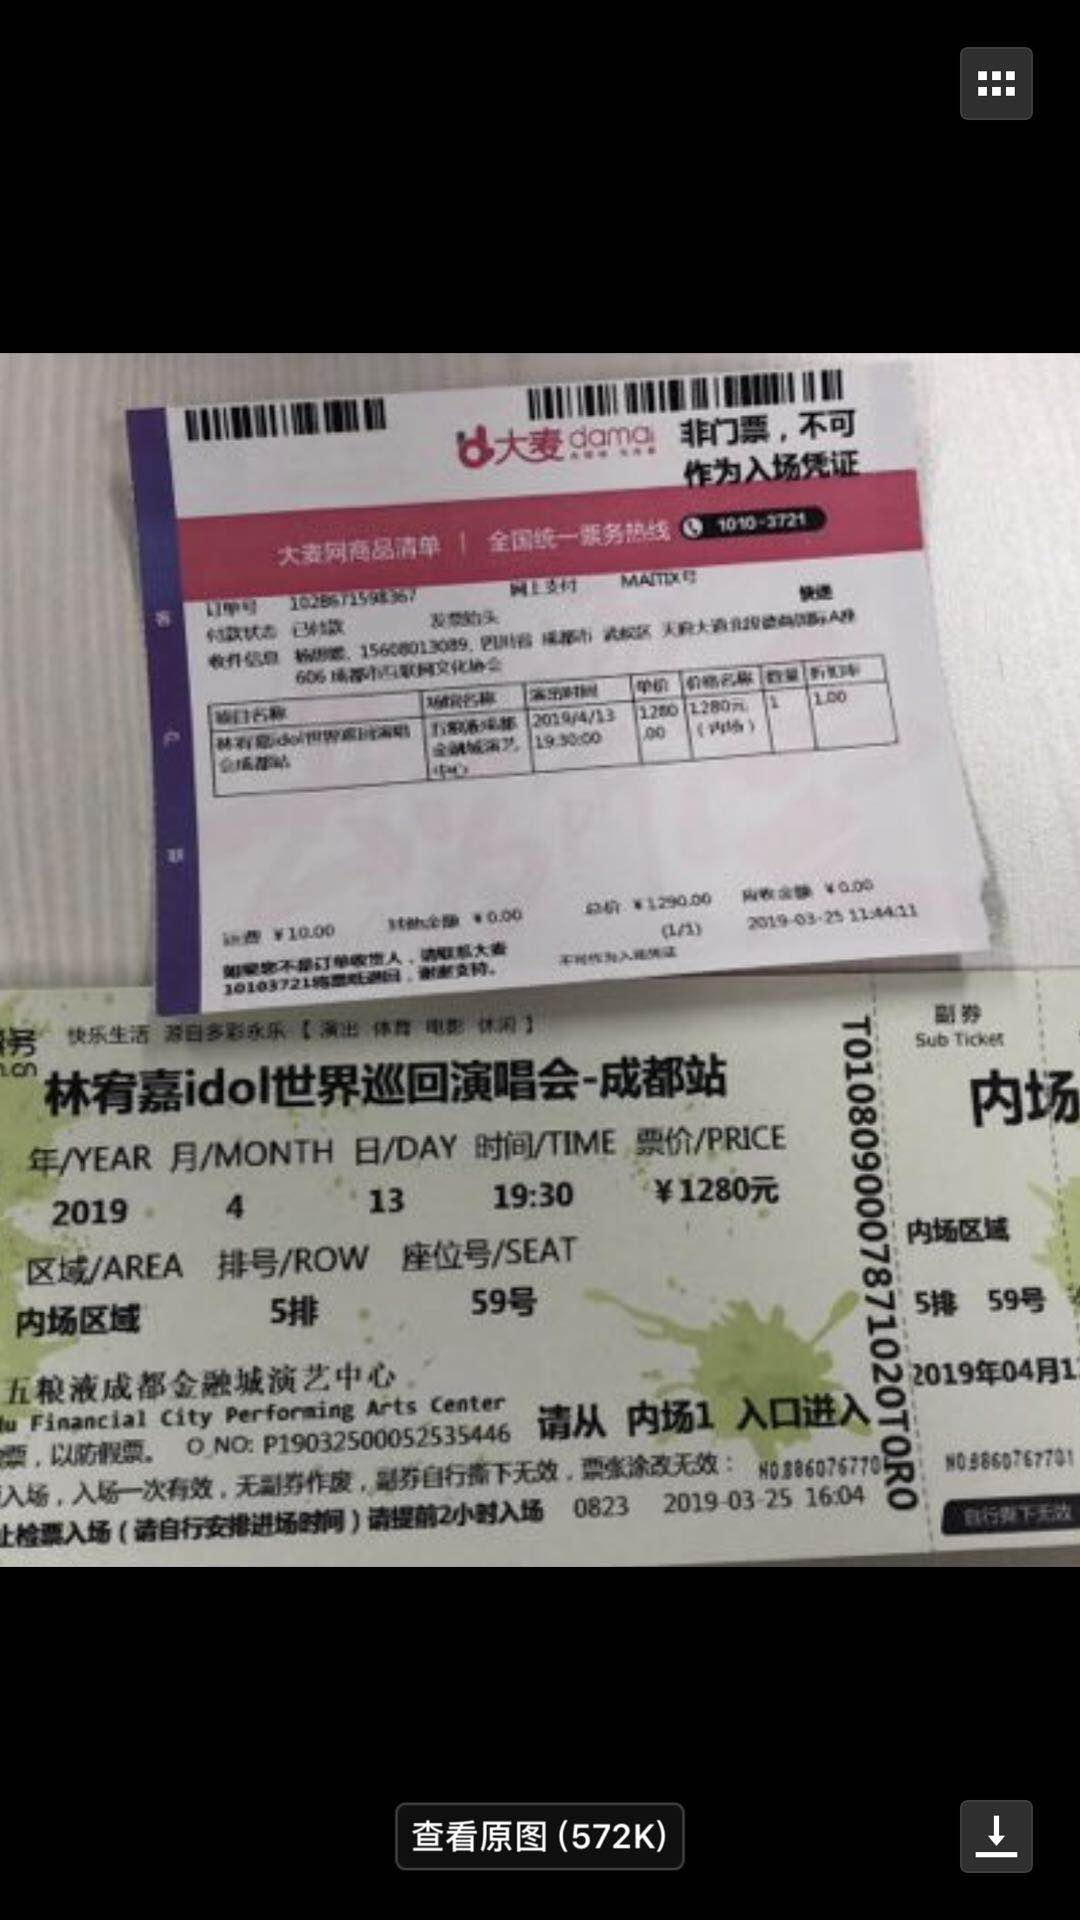 大卖网_大麦网预售出票违反公平原则配边角座位票_中国质量万里行消费 ...